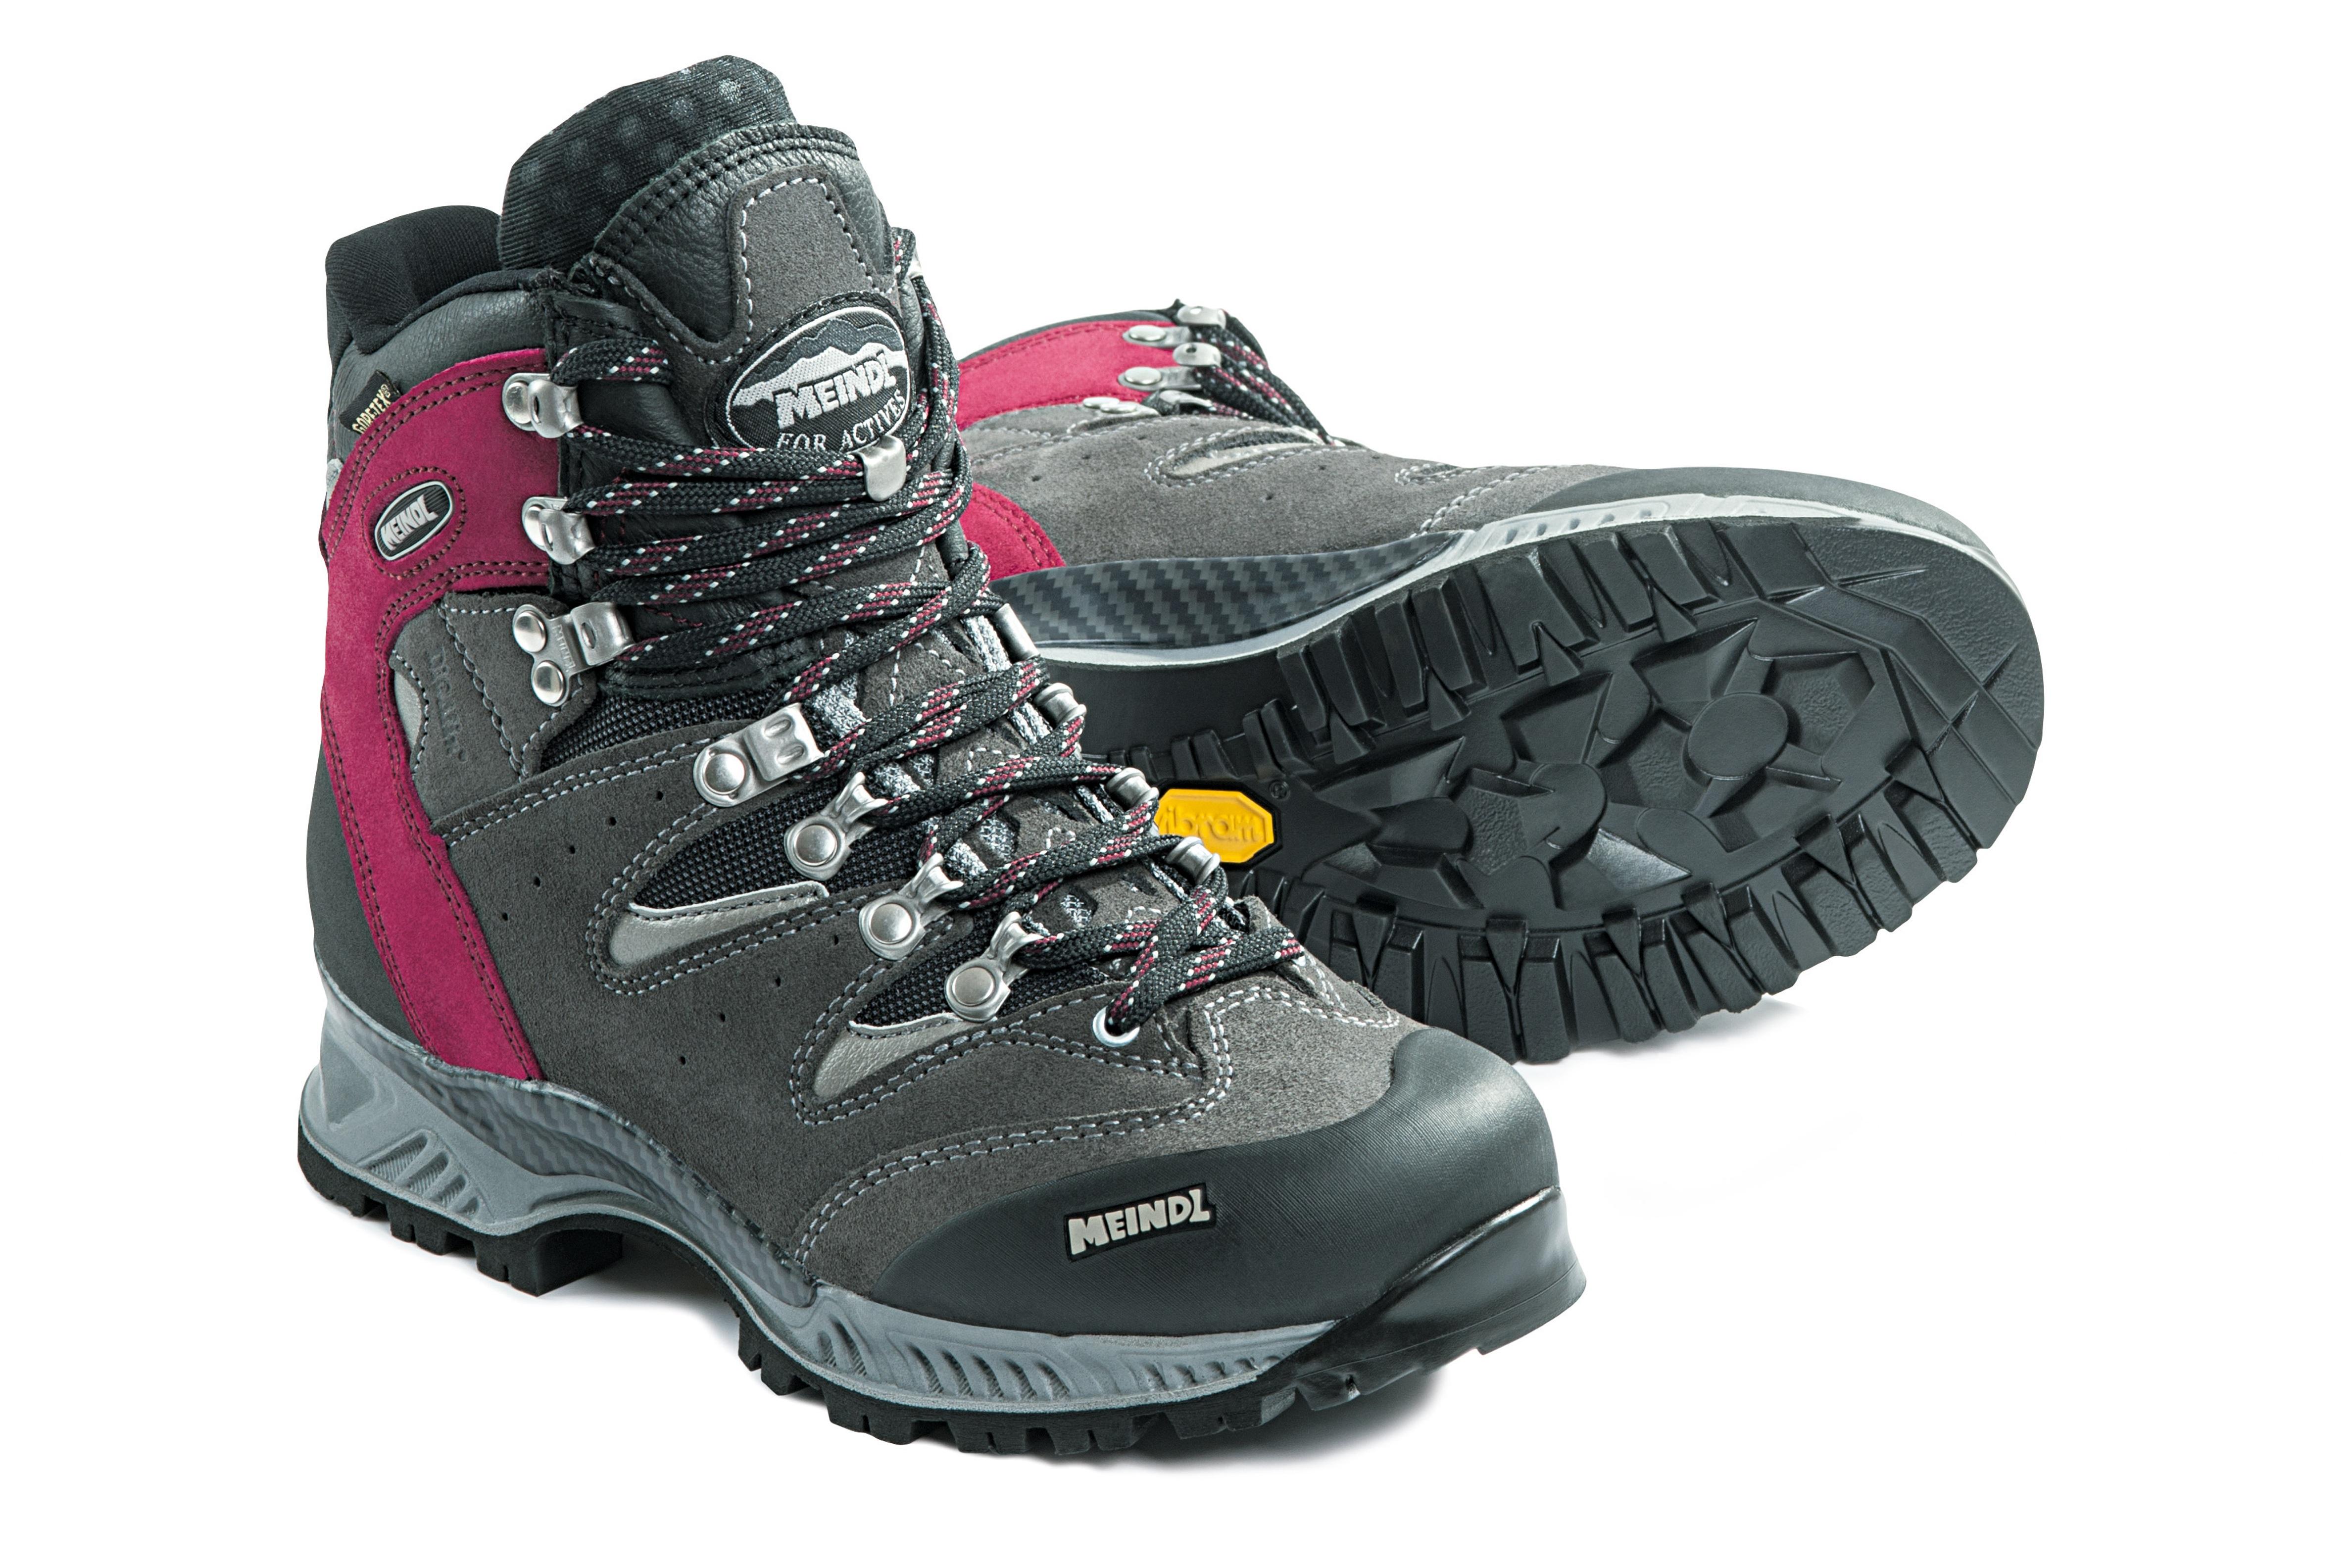 Images Gratuites  démarrage, rouge, chaussure de course, produit,  chaussures de randonnée, gris, Chaussure de montagne, bottes de travail,  Chaussure de